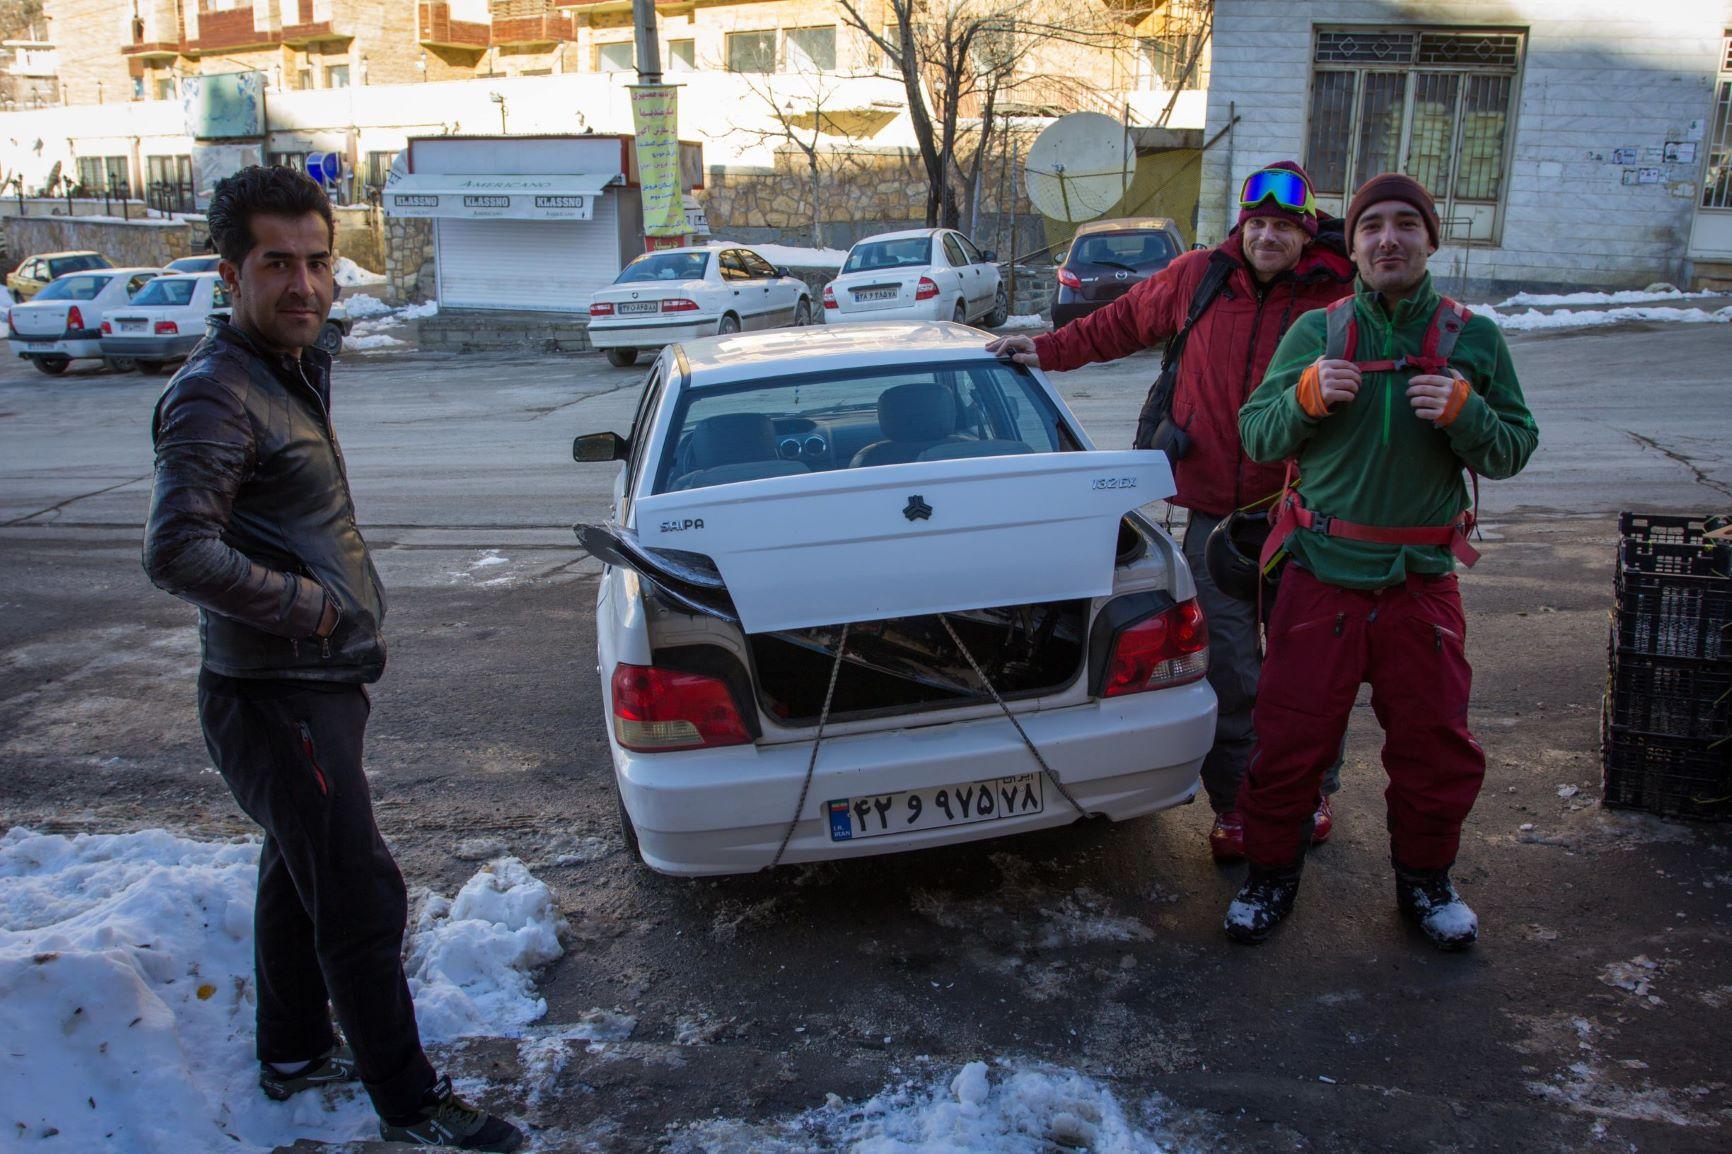 Menke, Schallameier und Staab im Iran